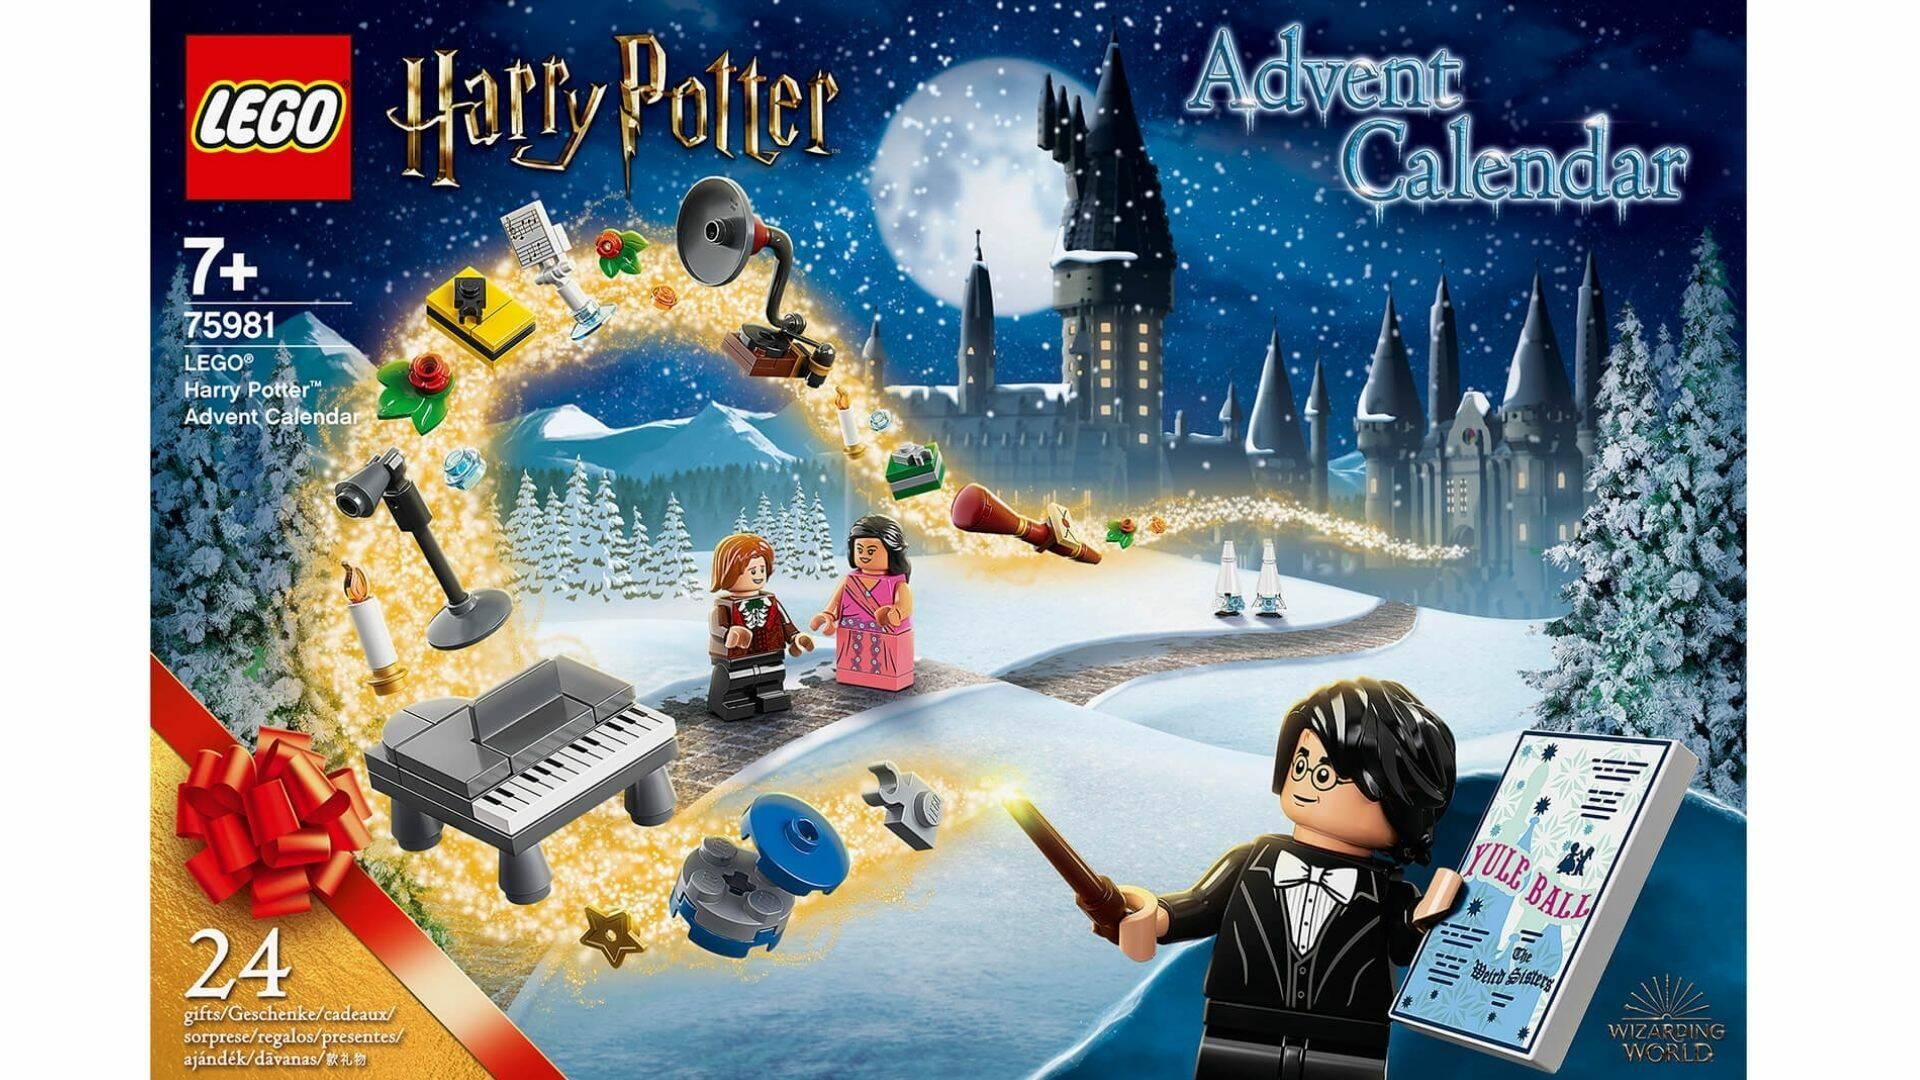 calendario avvento harry potter lego